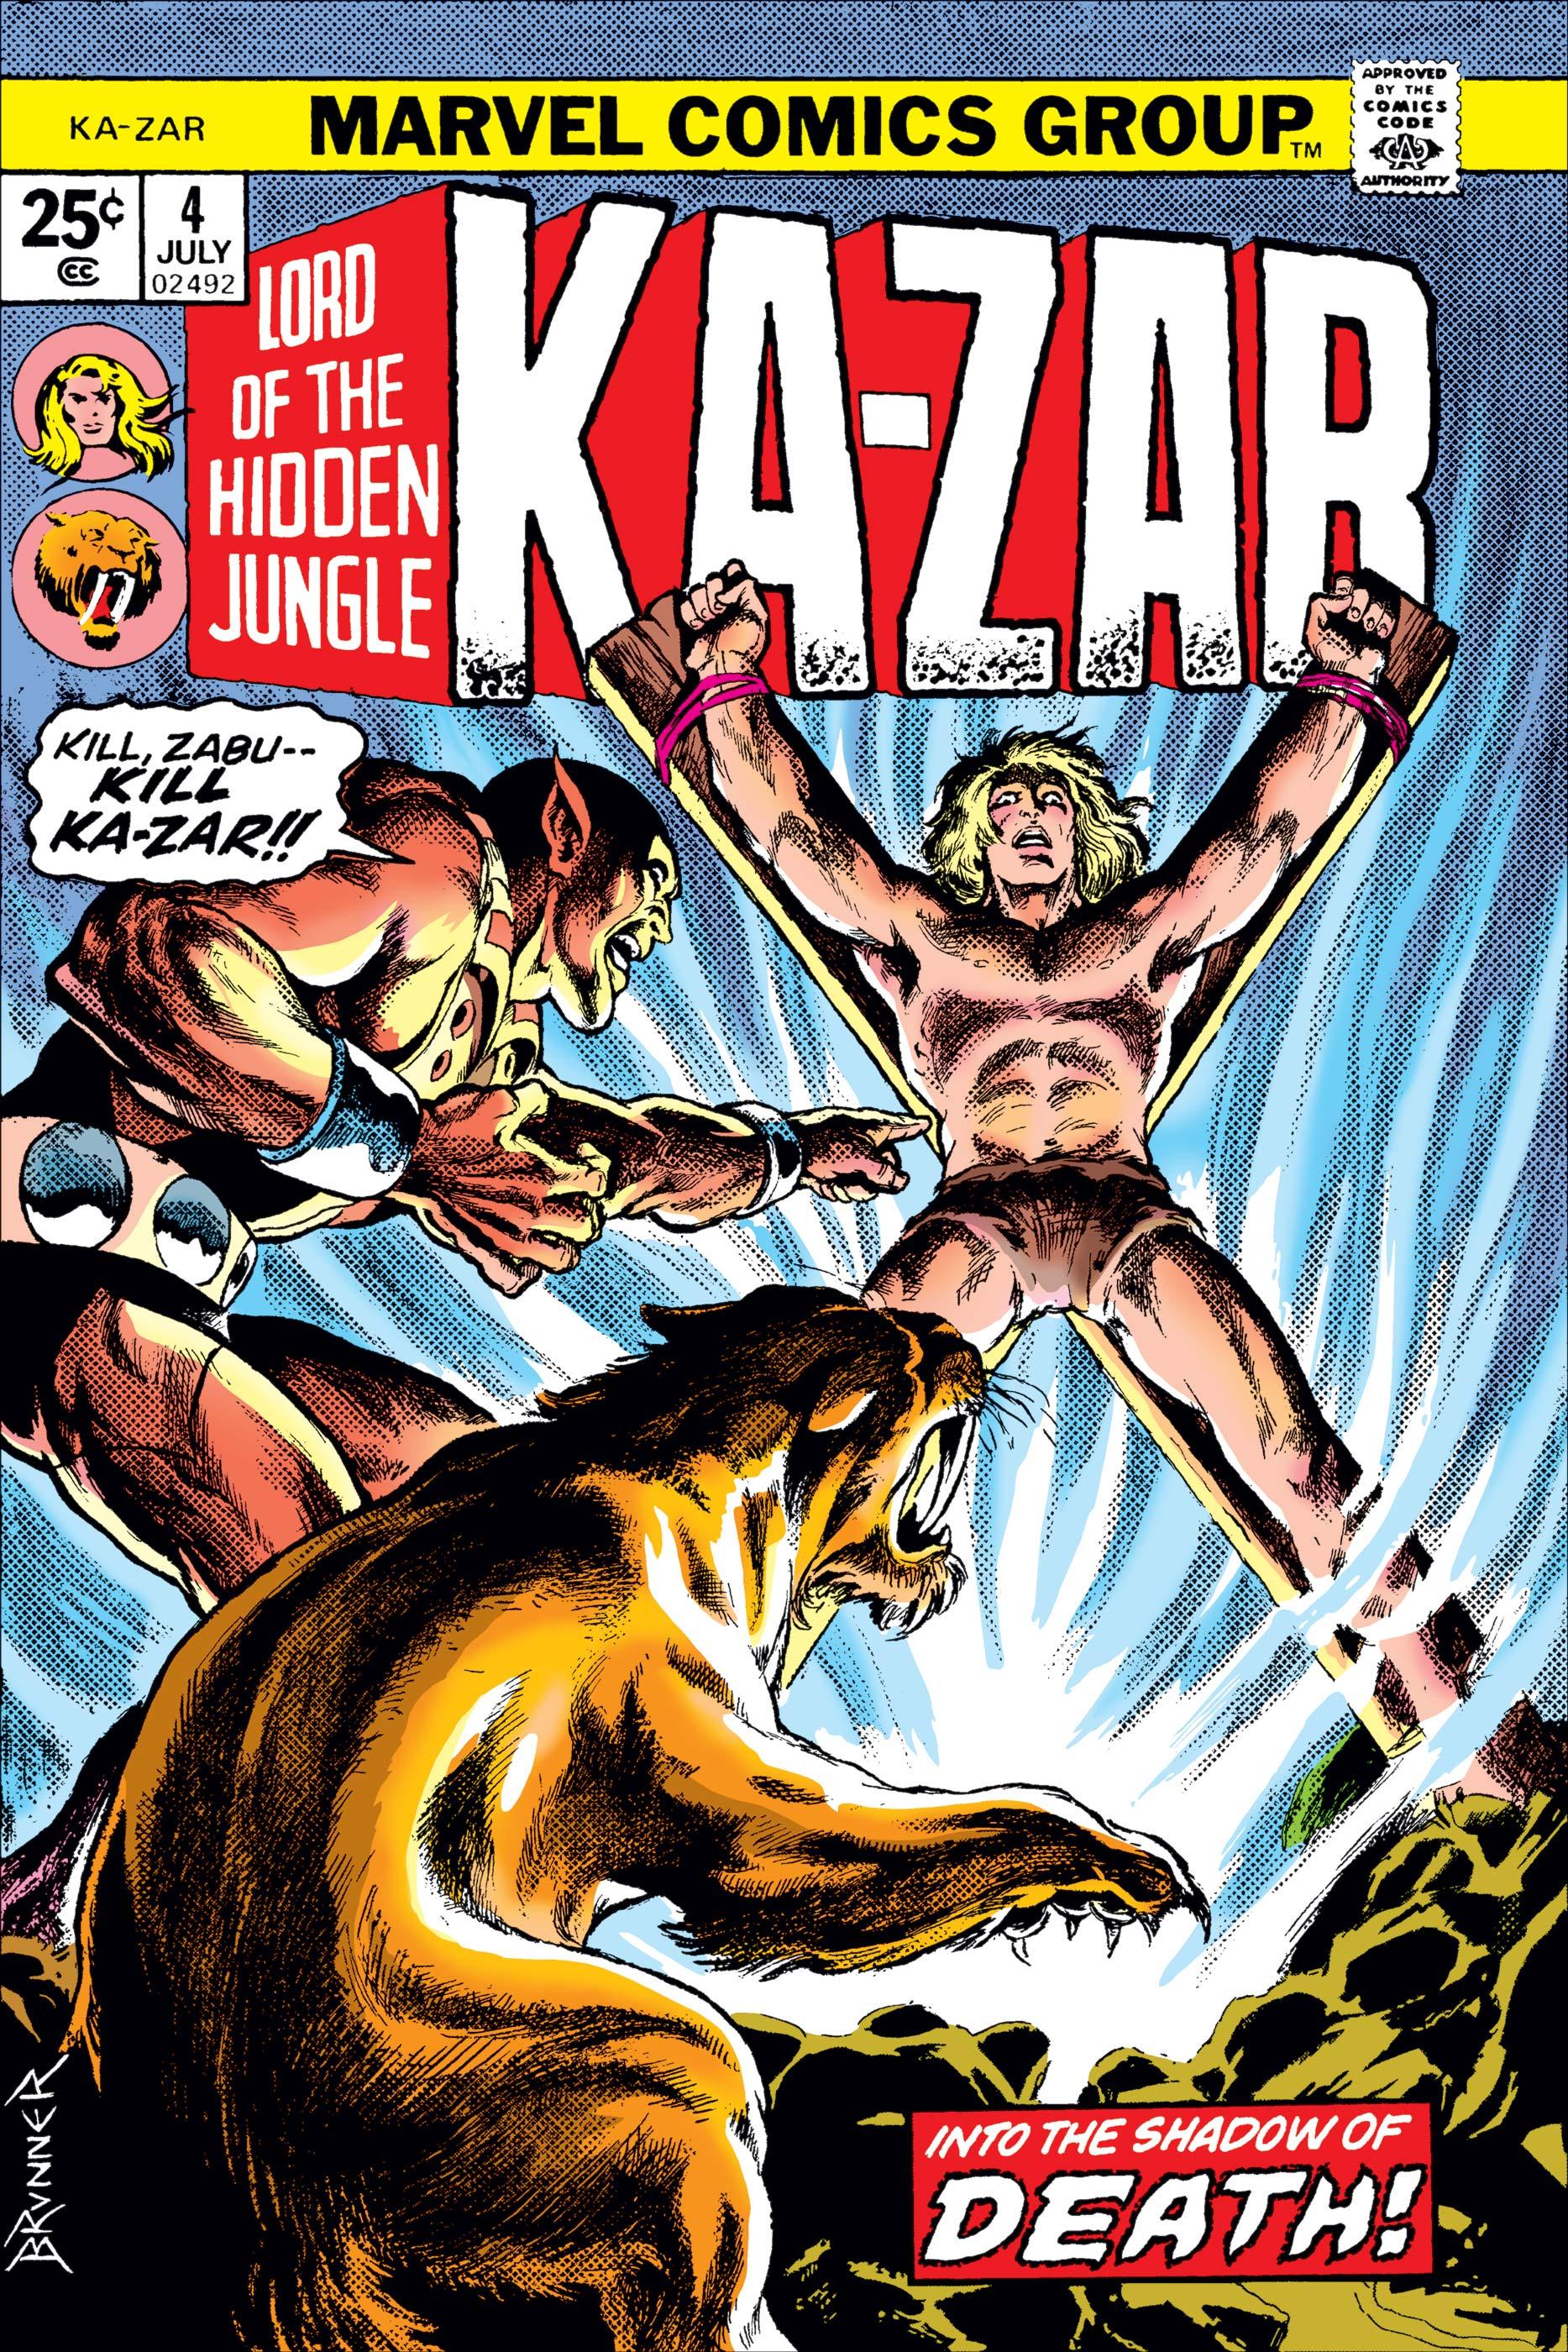 Ka-Zar (1974) #4